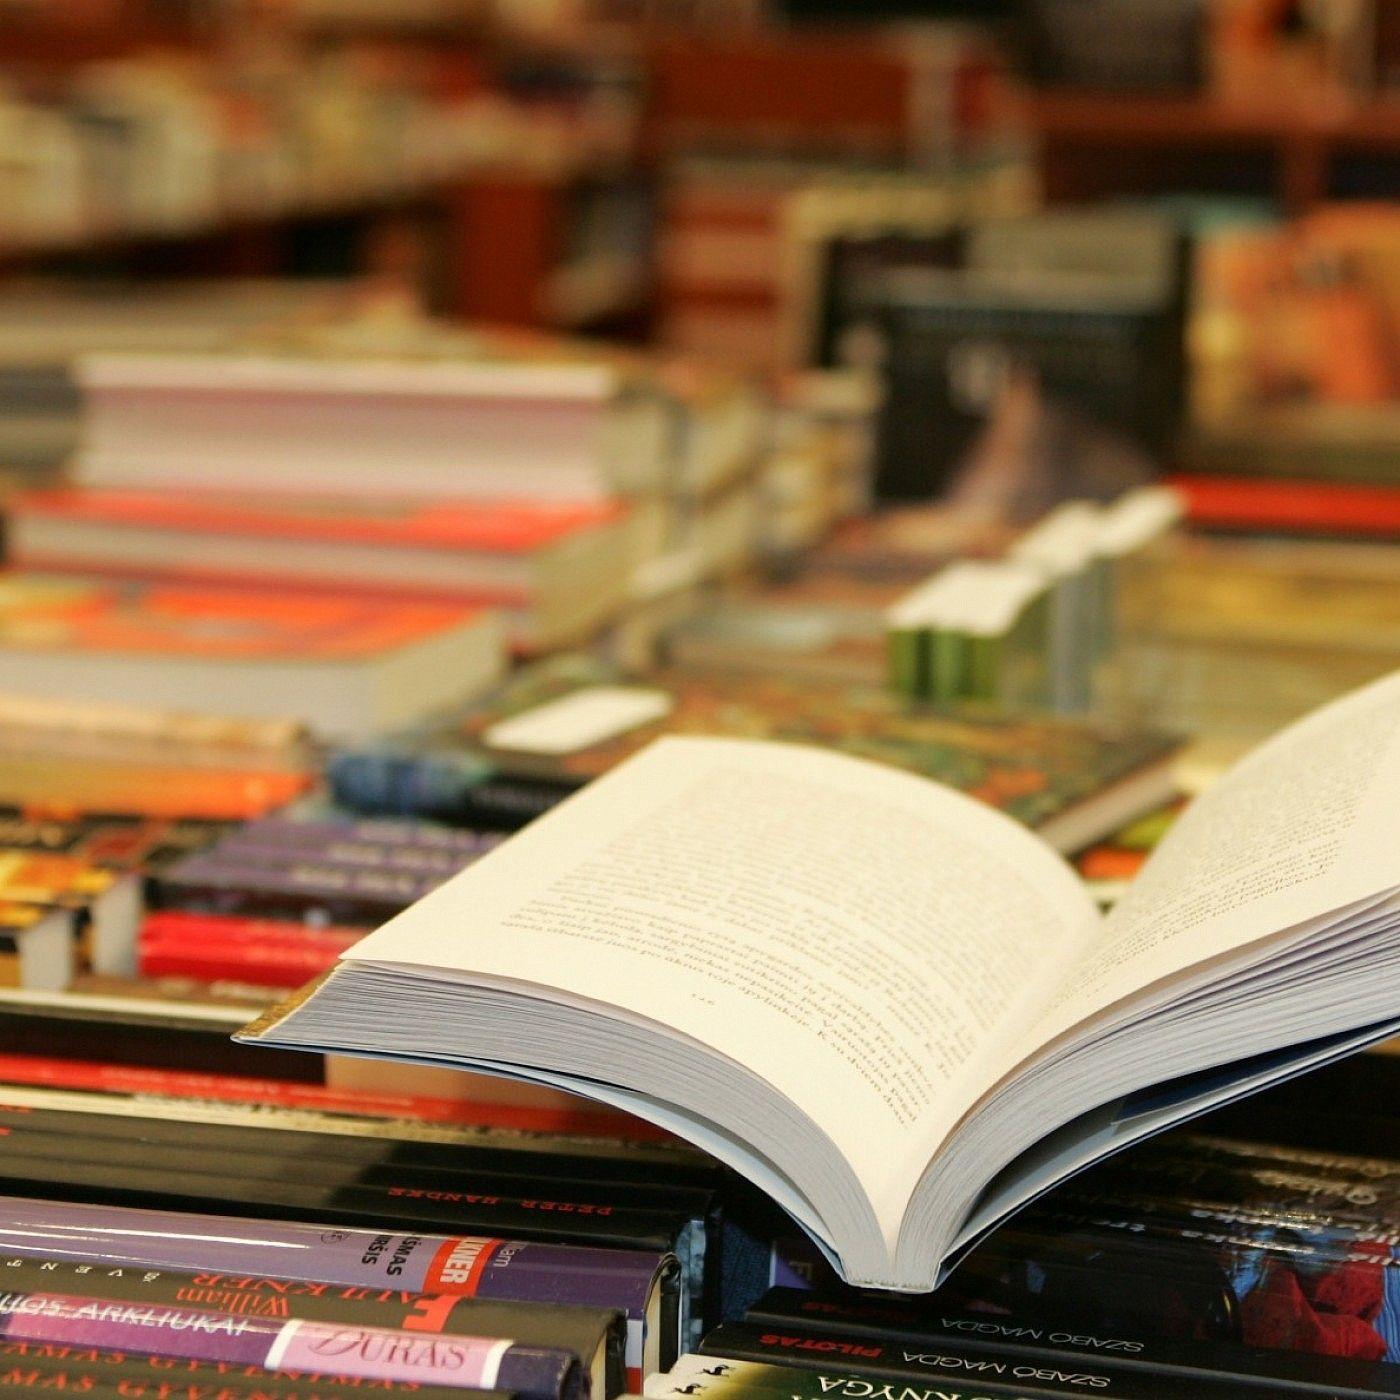 """Literatūros akiračiai. """"Literatūros akiračiai"""": begalinė šiuolaikinės japonų literatūros lygtis."""